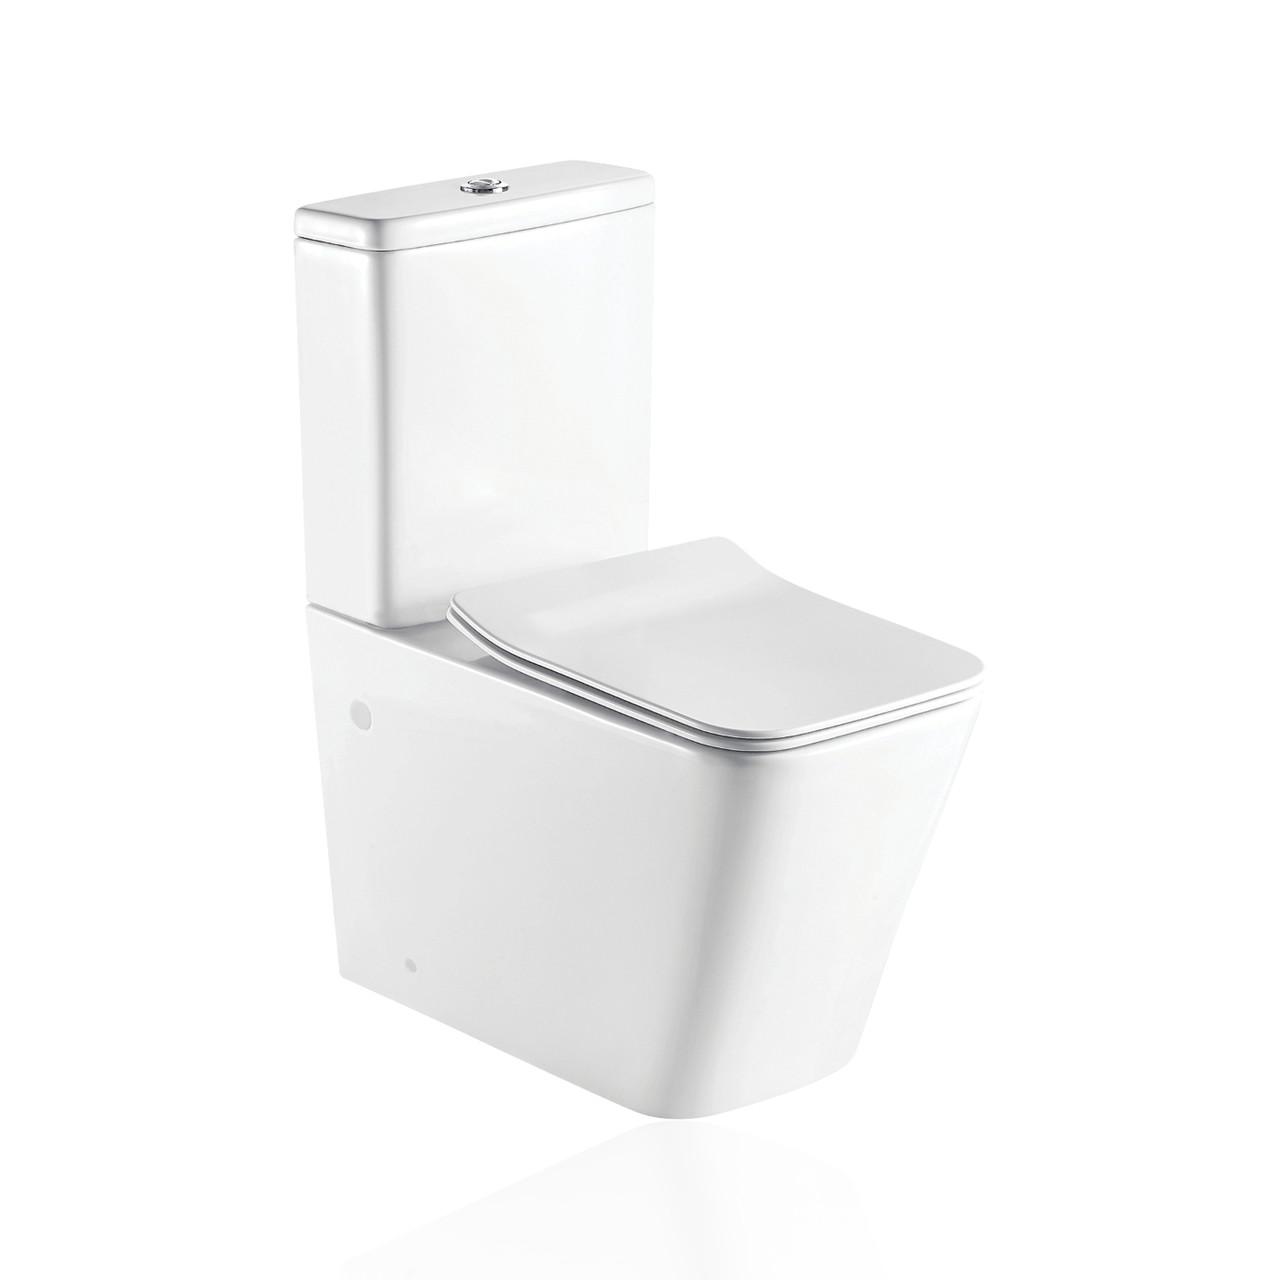 KVADRO комплект : унитаз напольный с сидением Soft-close + бачок